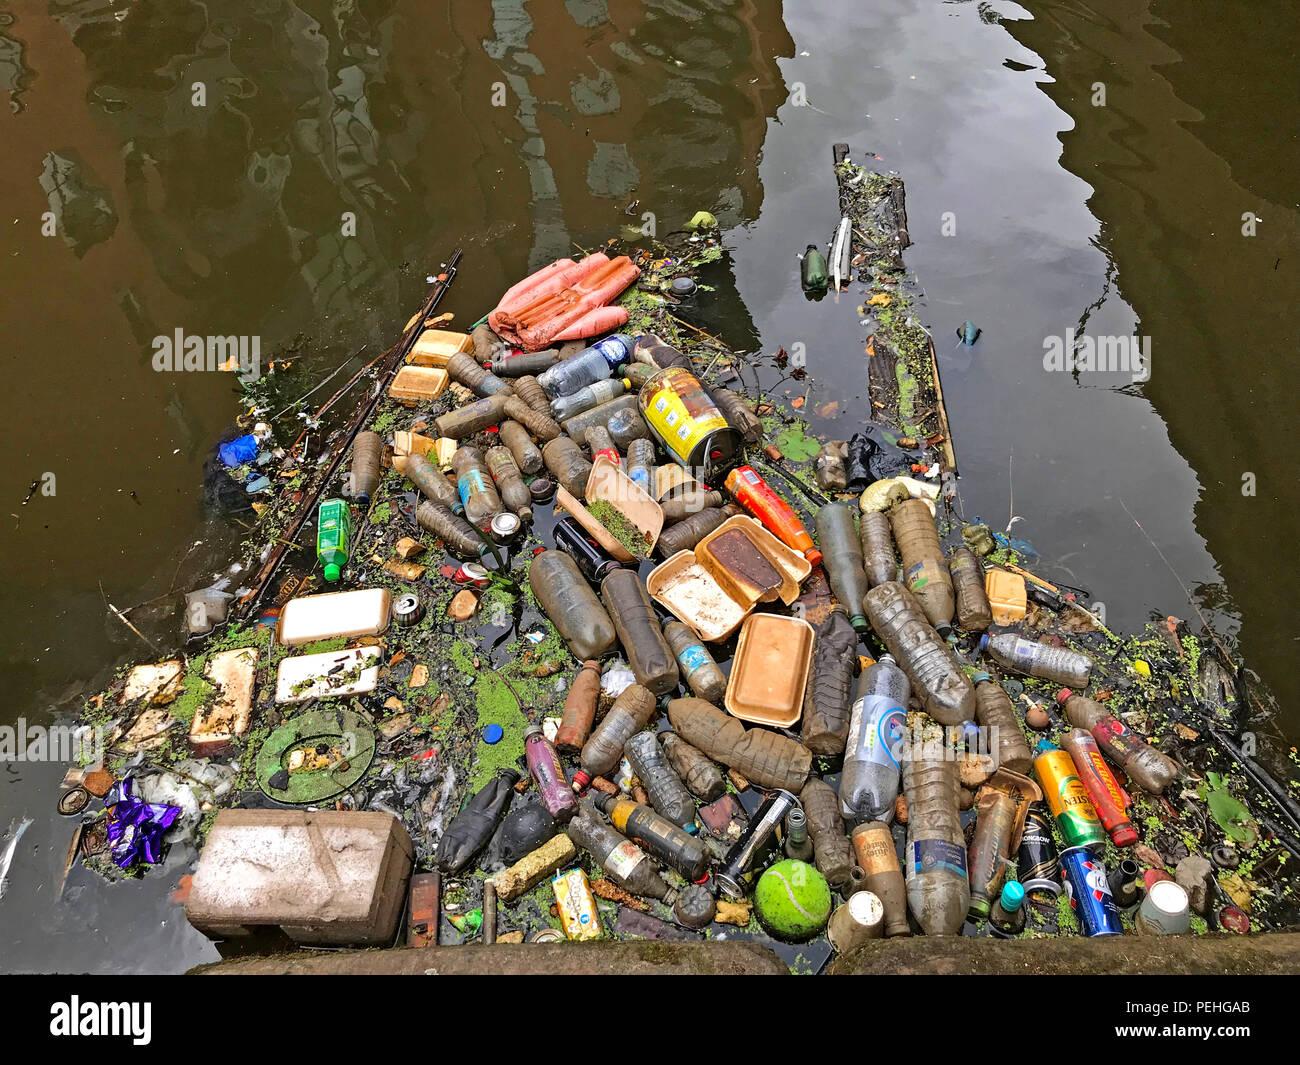 Laden Sie dieses Alamy Stockfoto Kunststoff Abfall, in einem Kanal, Castlefields, City Centre, Manchester, North West England, Großbritannien - PEHGAB